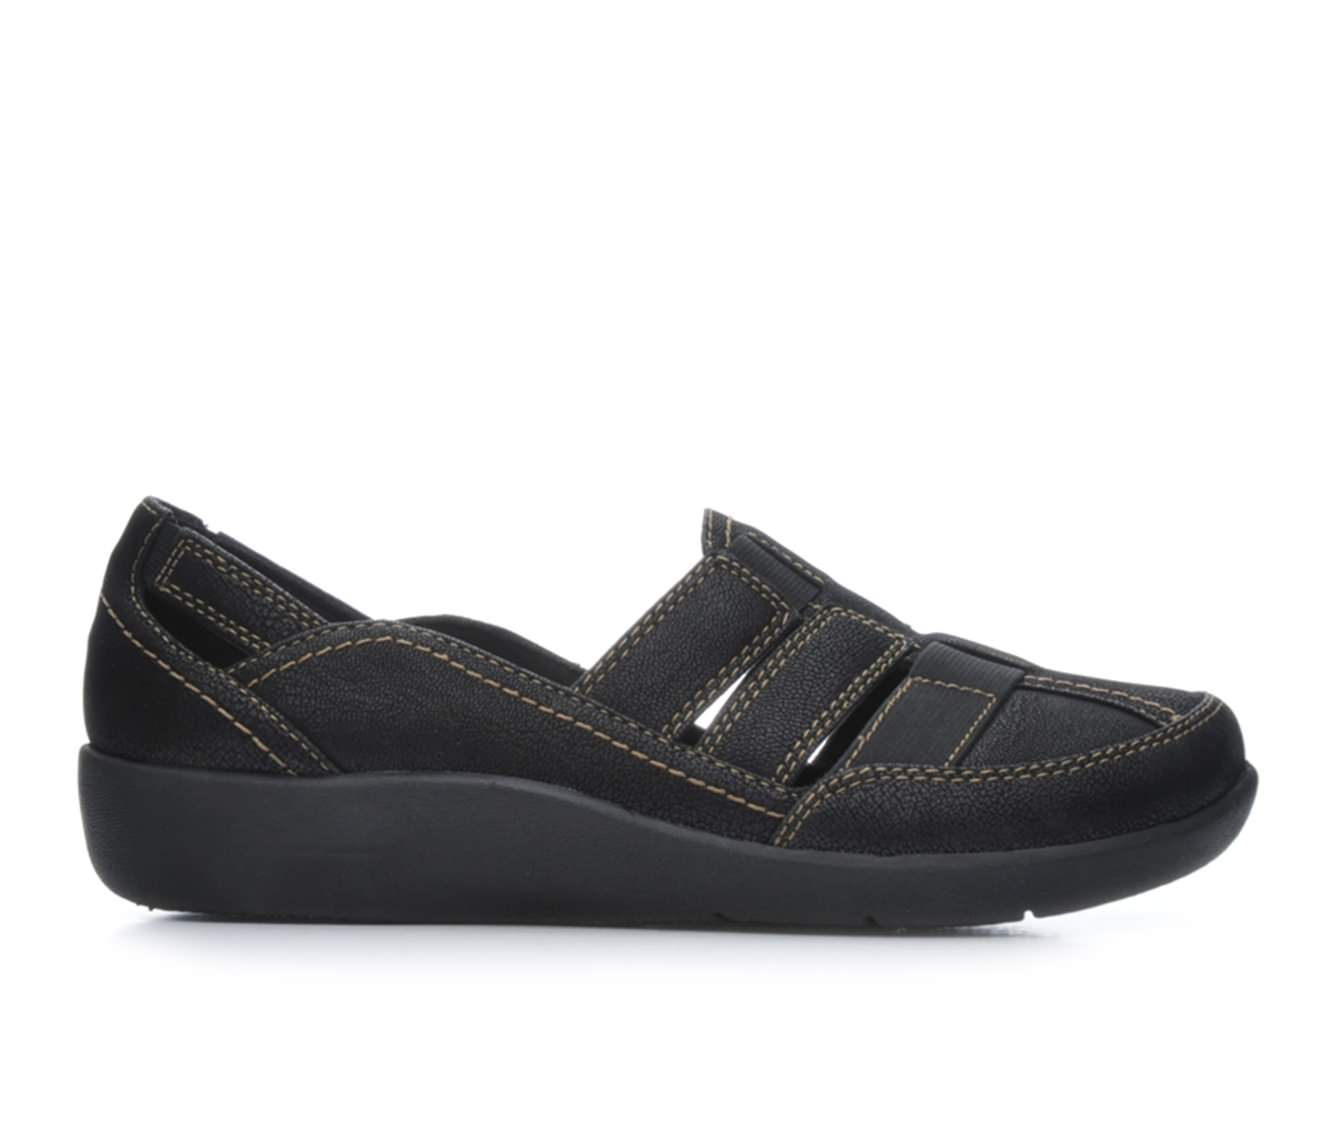 Clarks Sillian Stork Women's Shoe (Black Faux Leather)